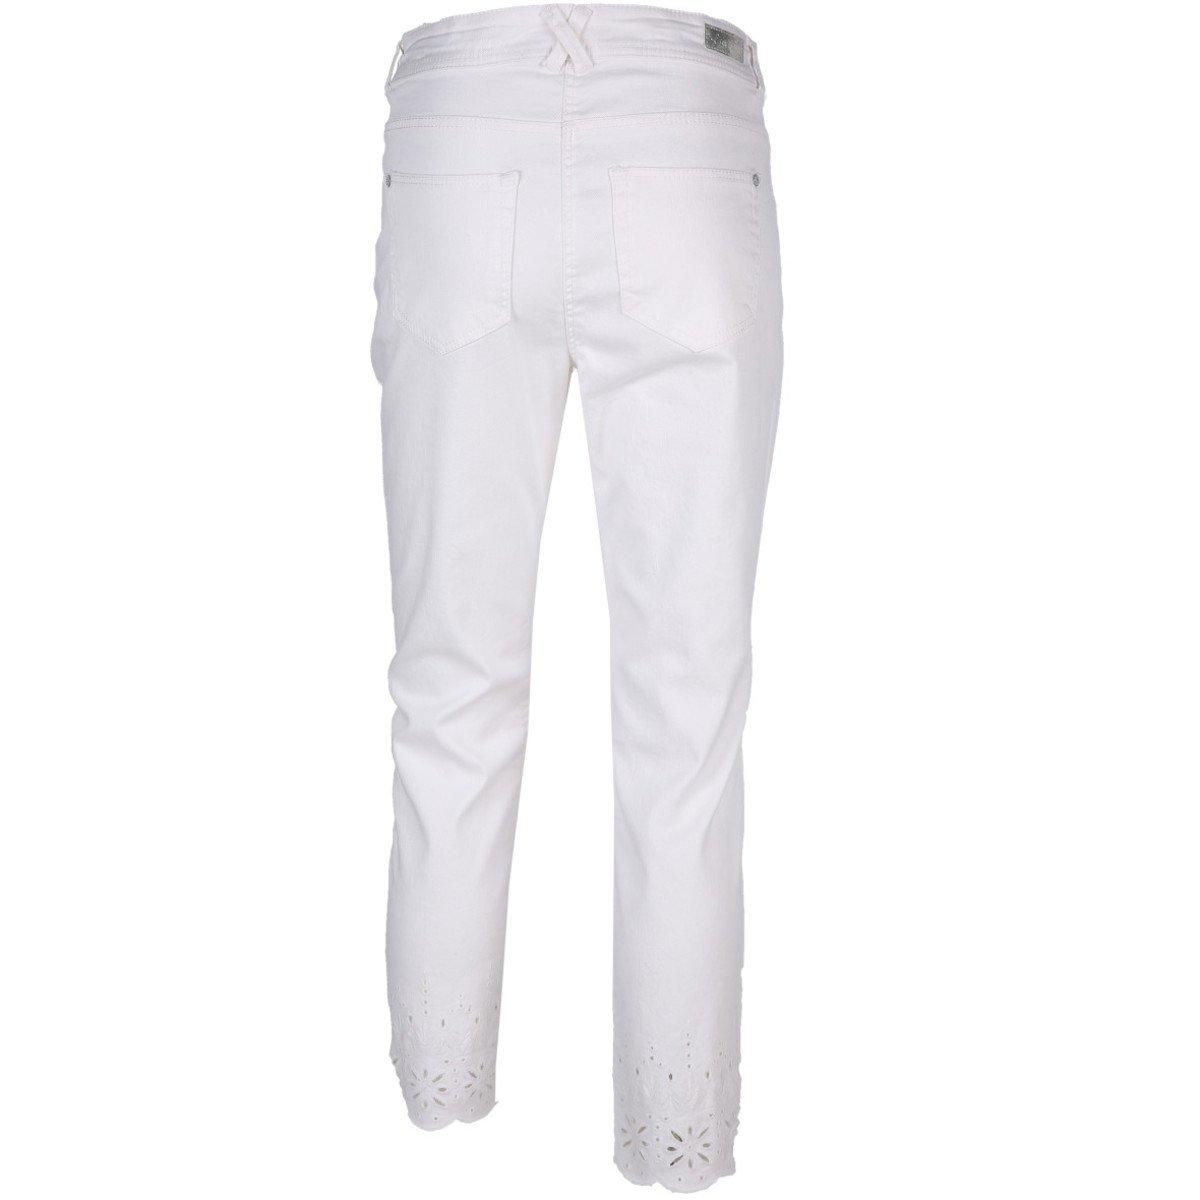 Bild 2 von Damen 7/8 Jeans mit Lochstickerei